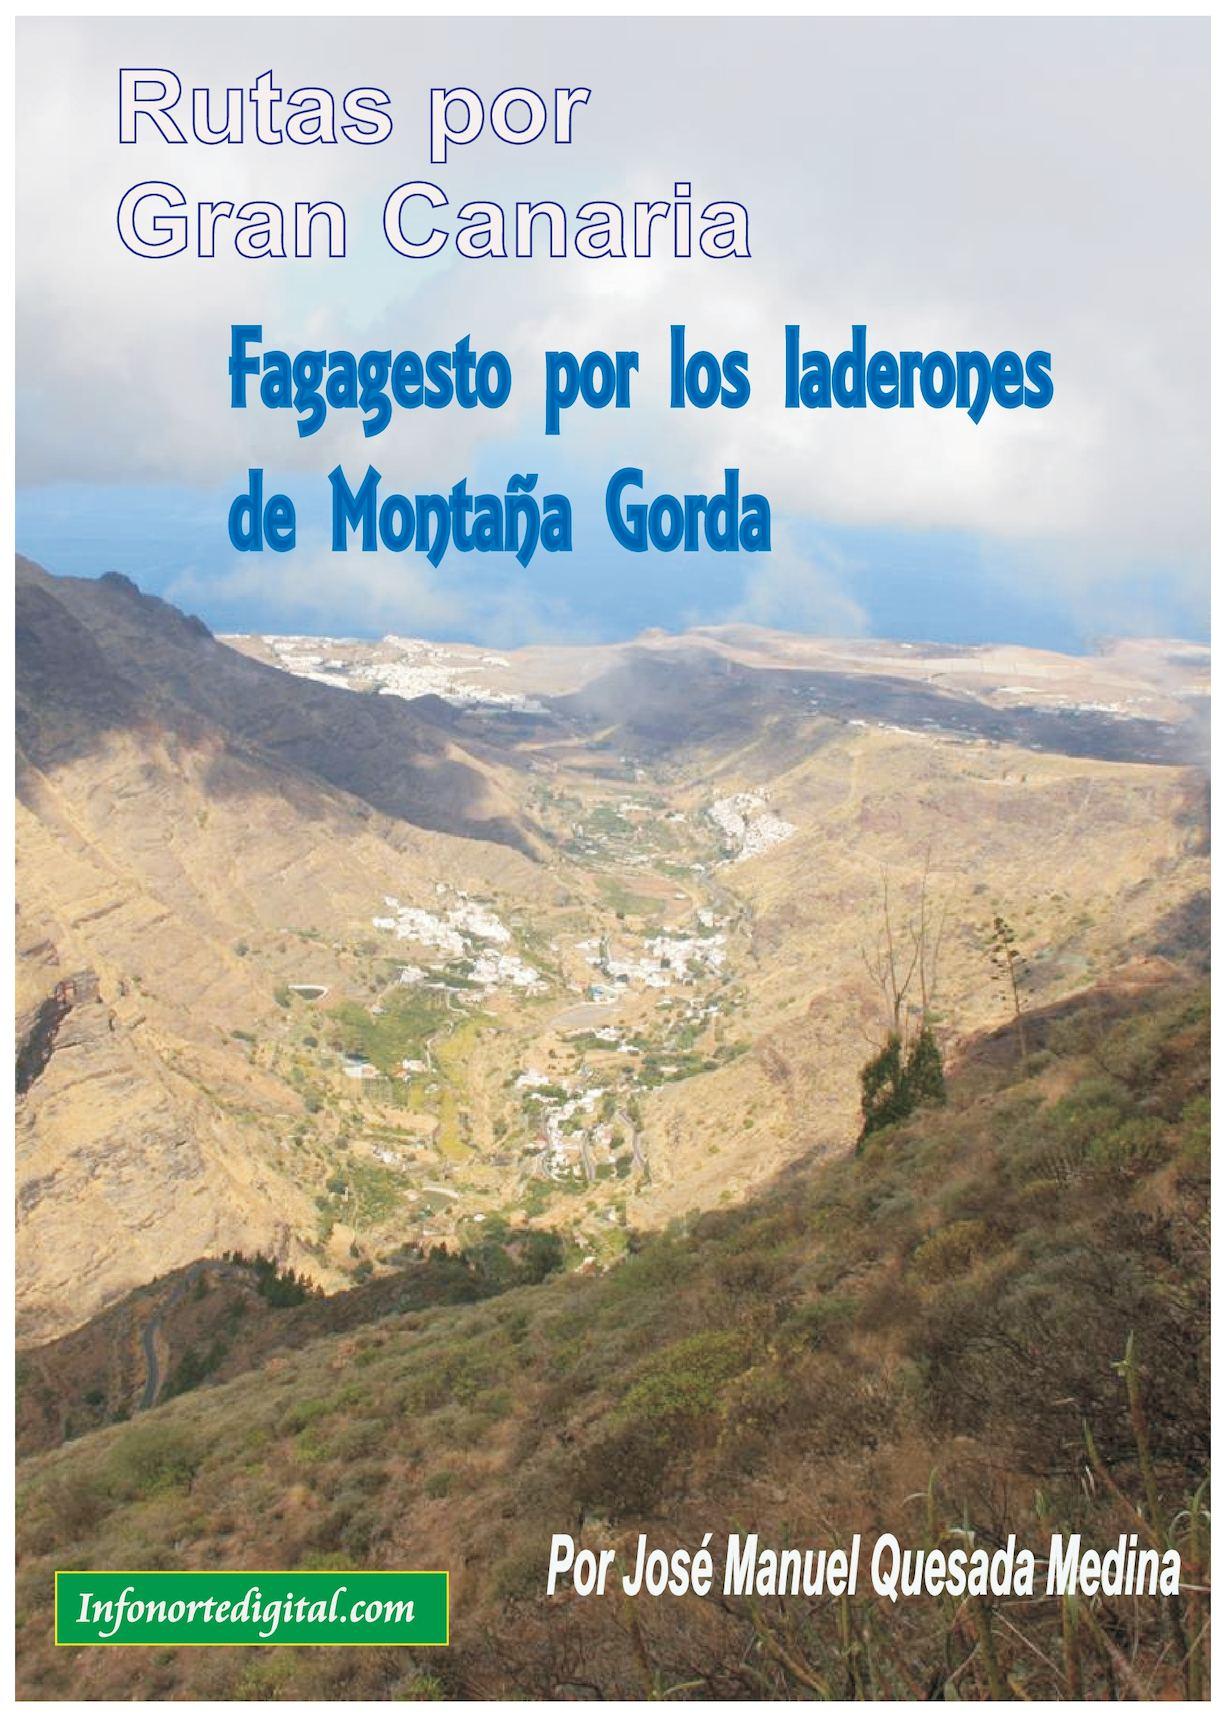 Fagagesto por Laderones de Montaña Gorda